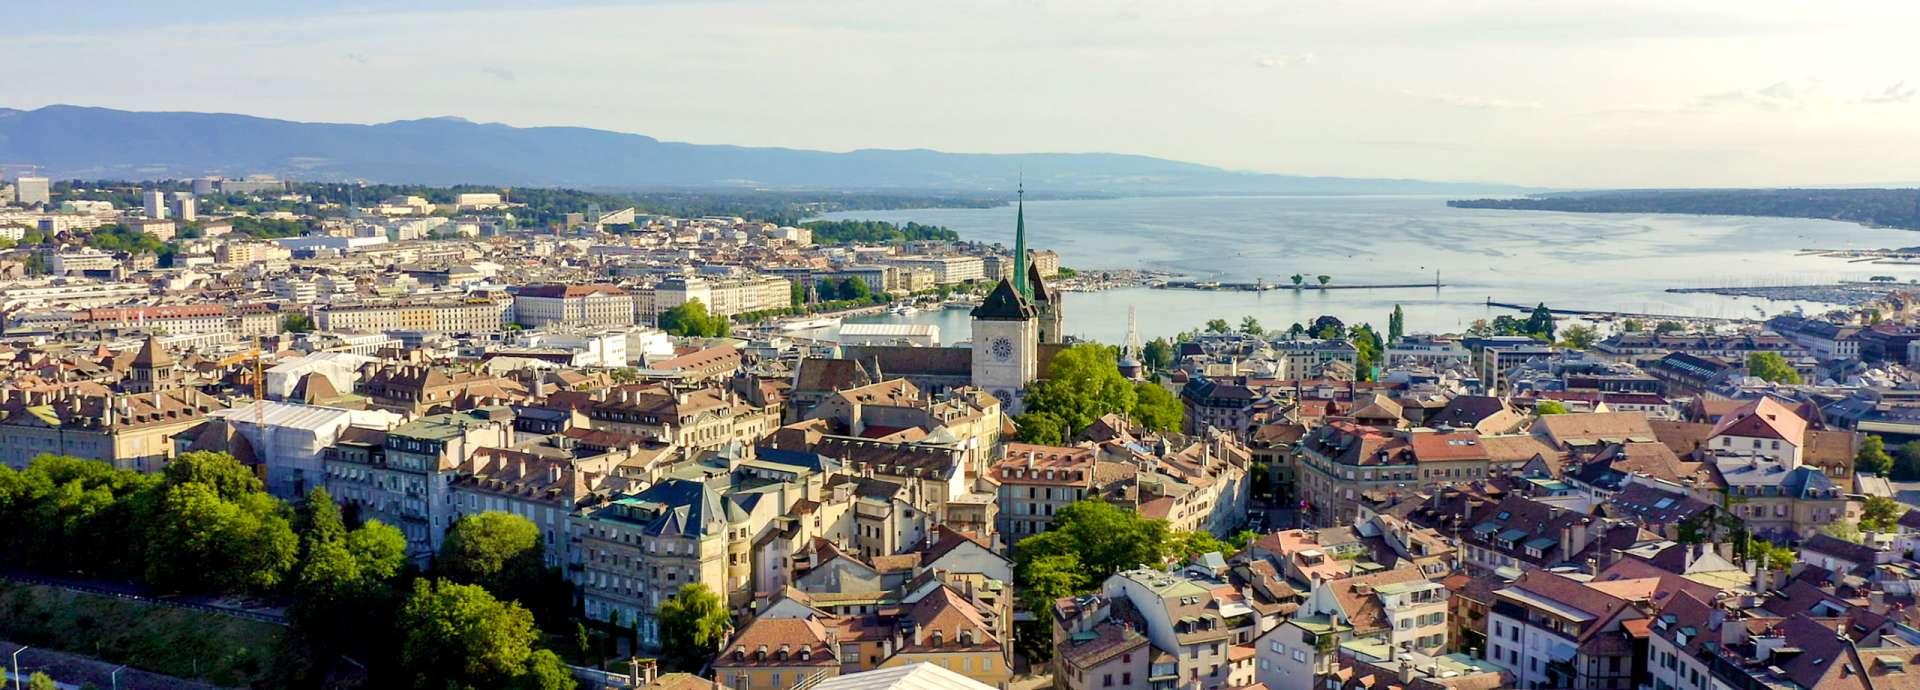 ville-geneve-cathédrale-st-pierre-tendance-immobilière